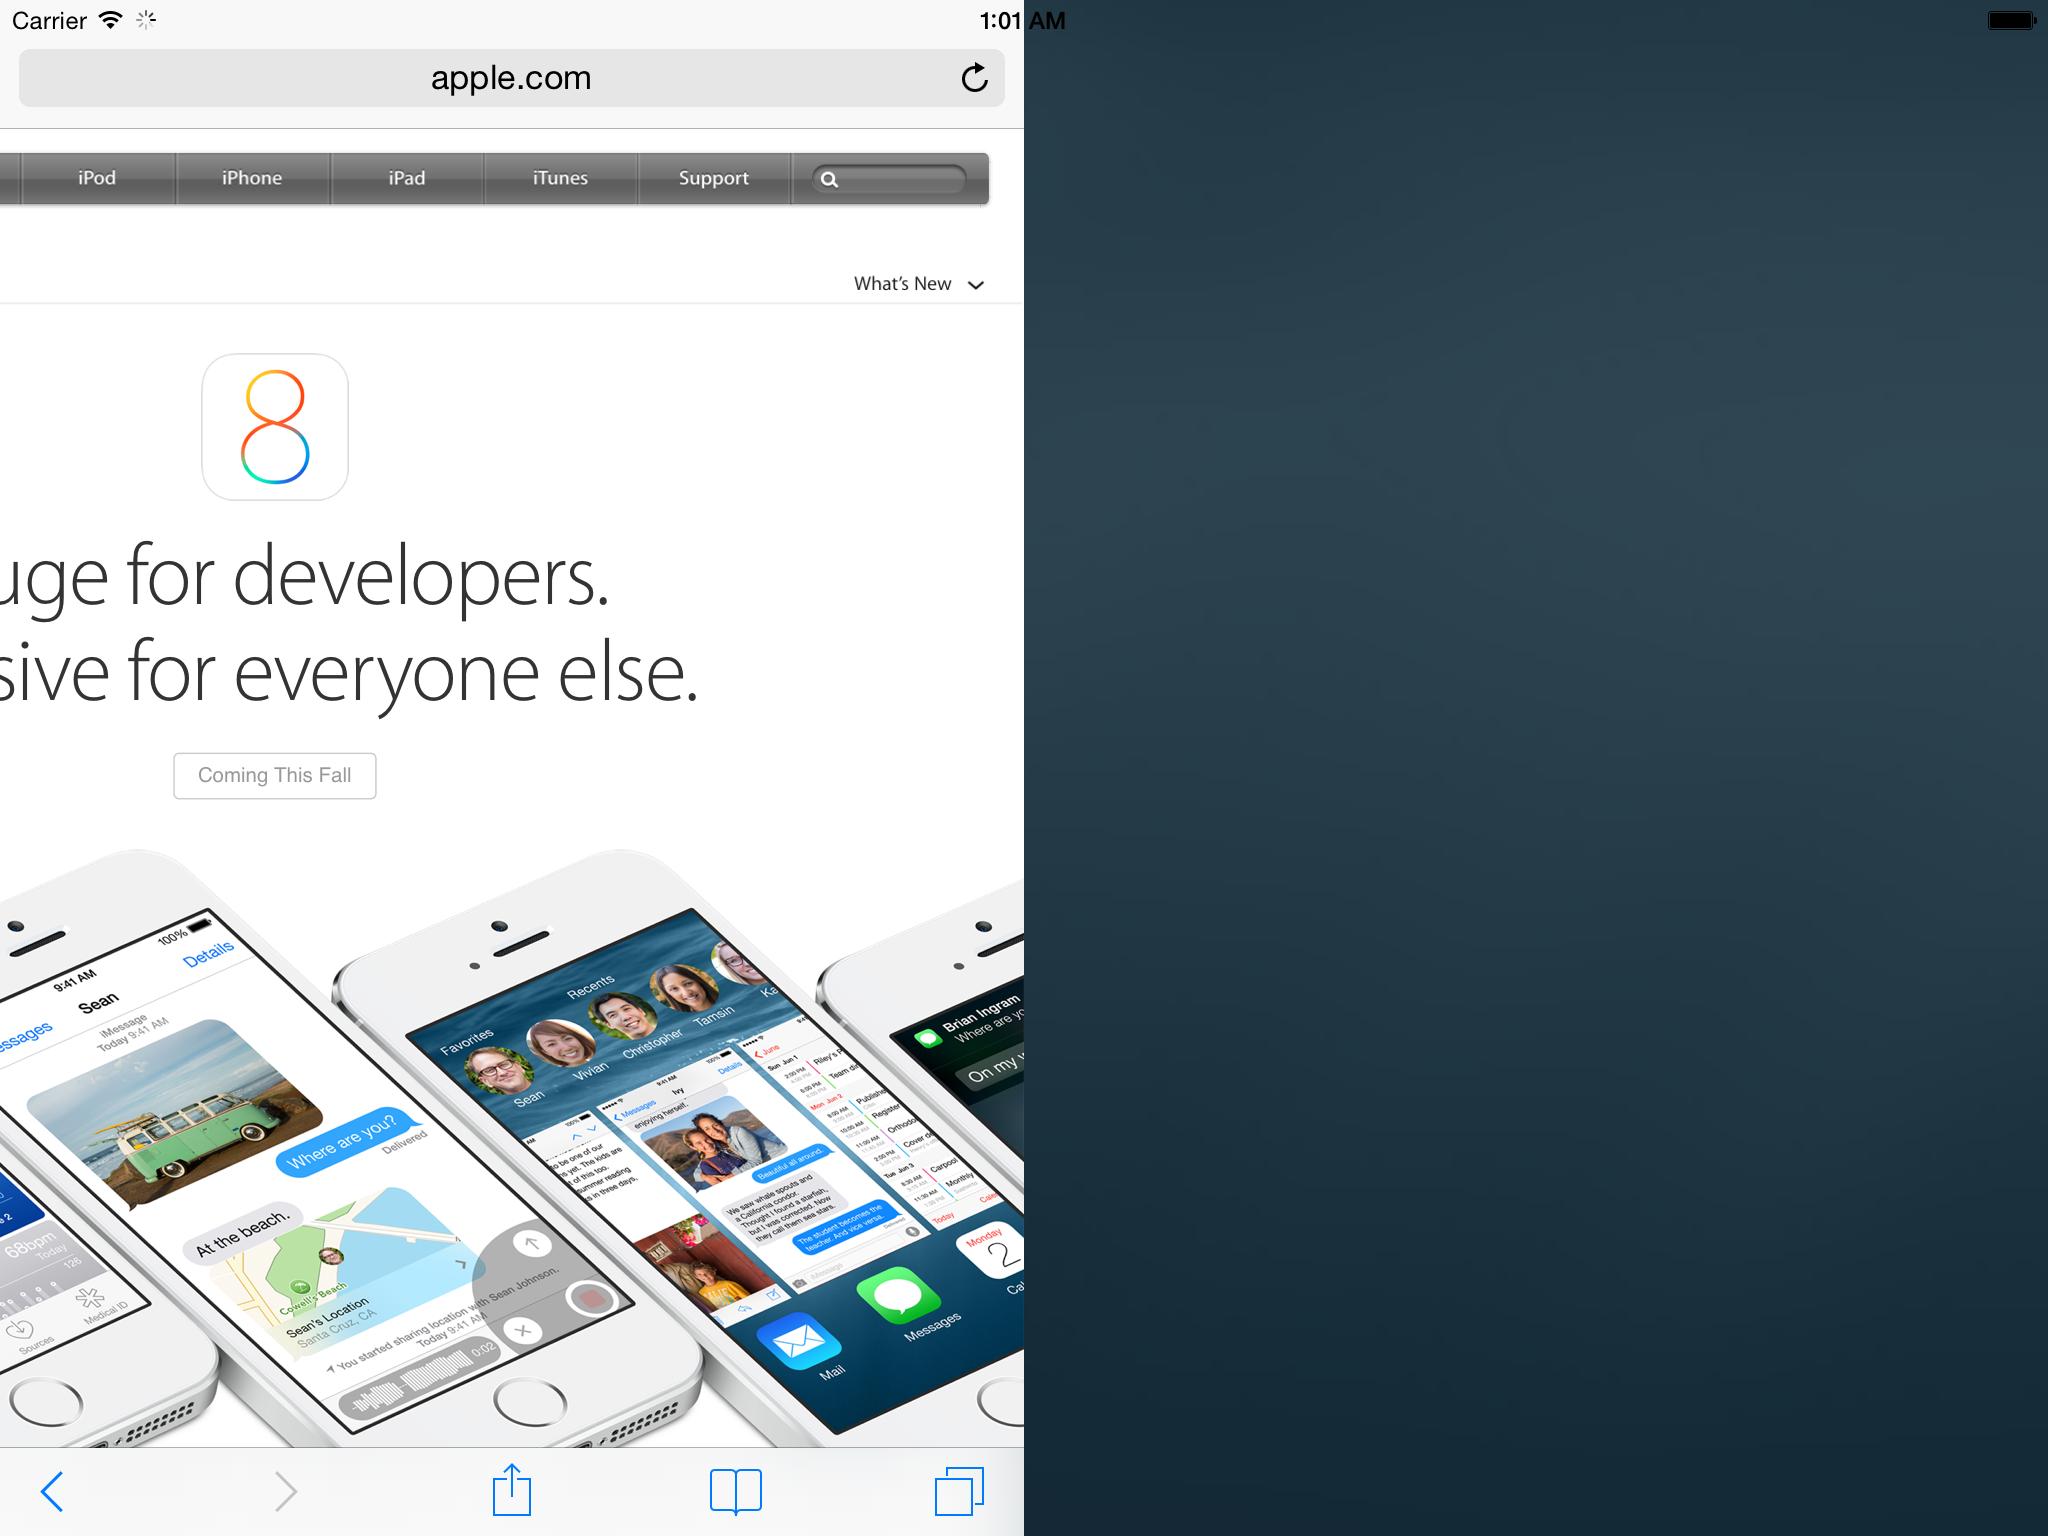 iOS Simulator Screen Shot 12 Jun 2014 01.01.56